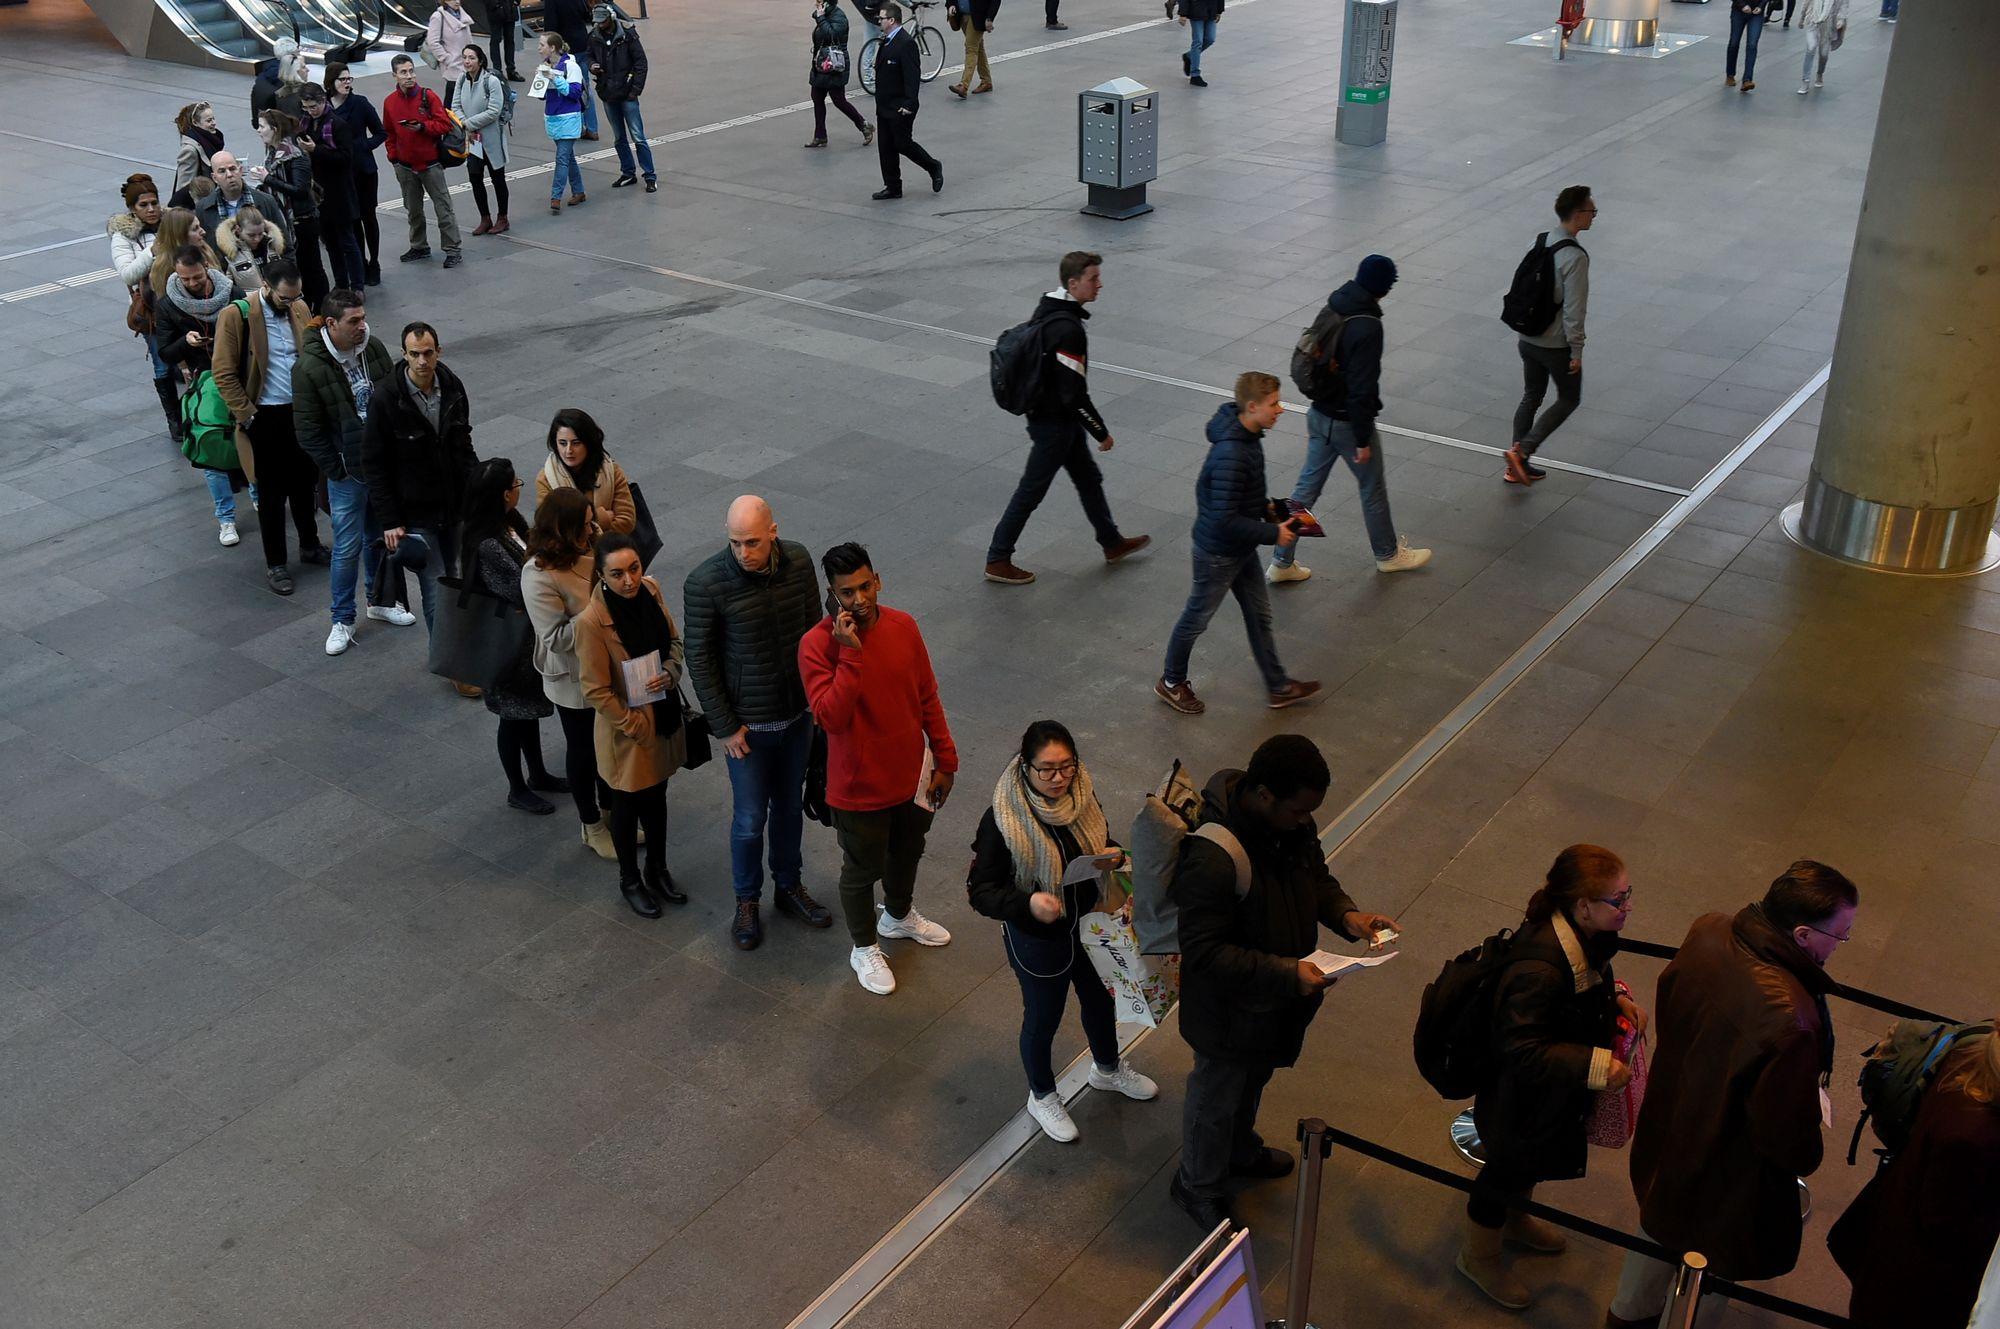 Les électeurs ont fait la queue mercredi à La Haye pour voter.